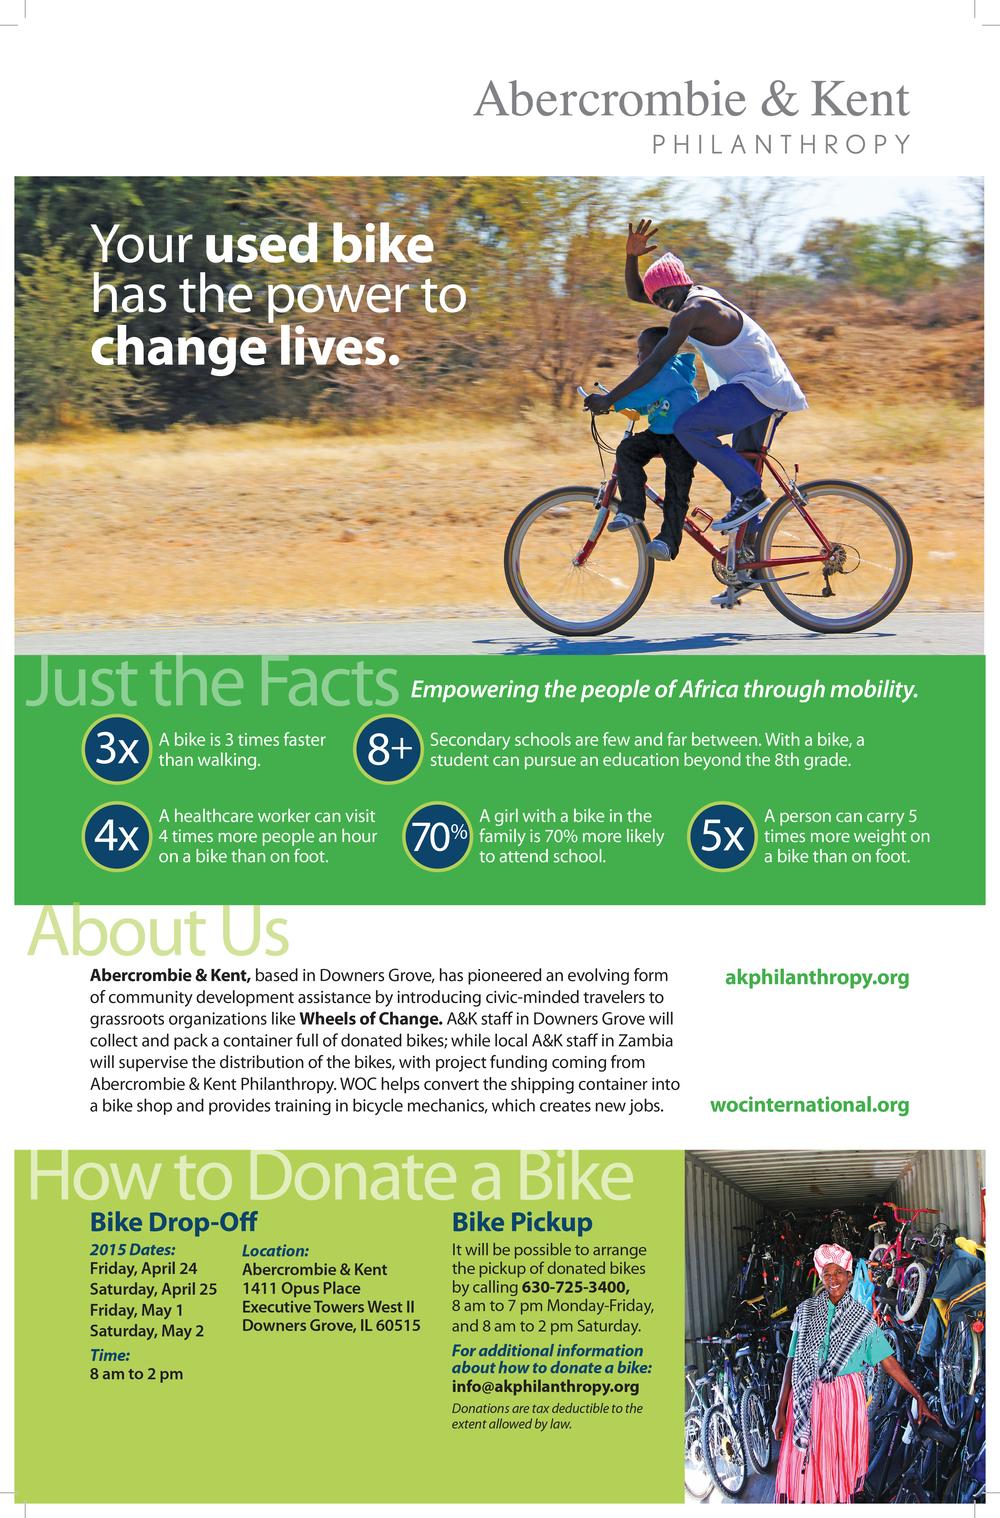 WOC_AKP_Bike_Poster_PRINT-large.jpg